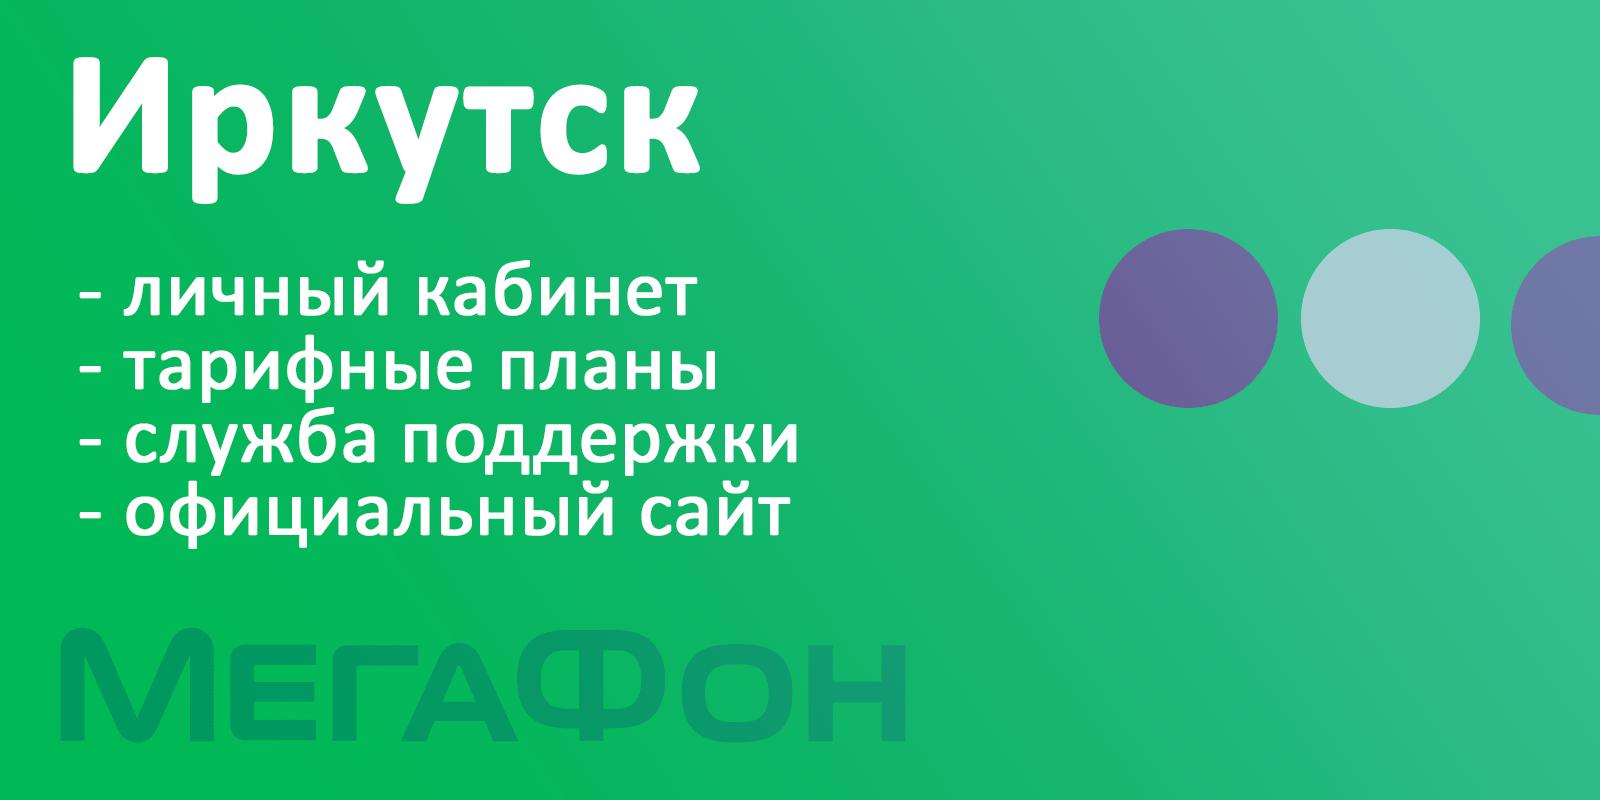 Мегафон Иркутск - тарифы, личный кабинет, официальный сайт